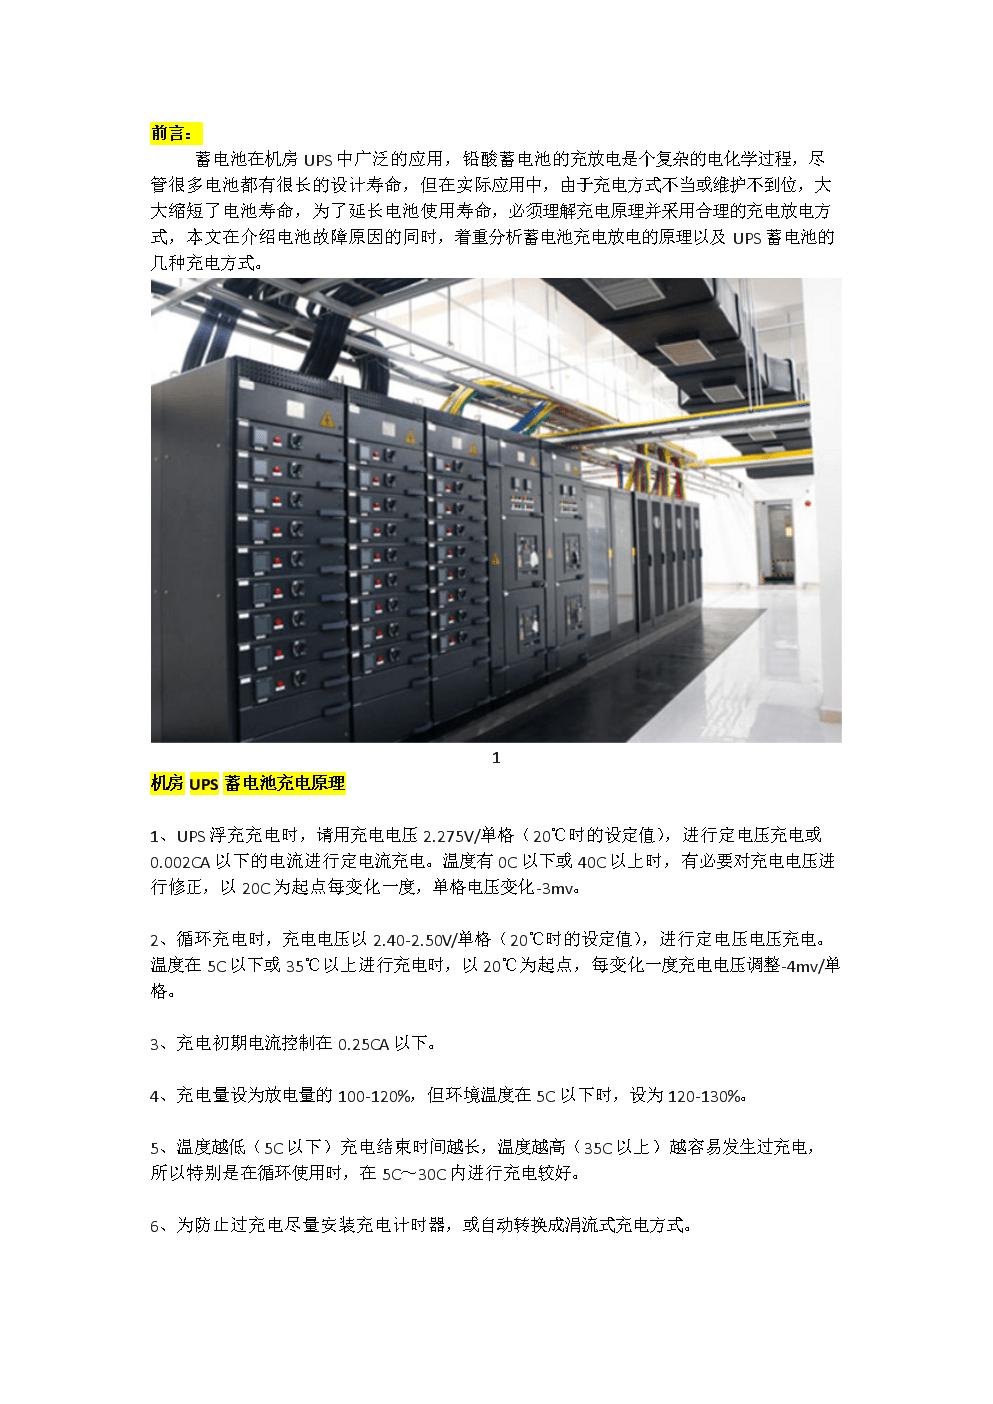 数据中心机房UPS蓄电池充电放电的原理以及几种充电方式解析.doc